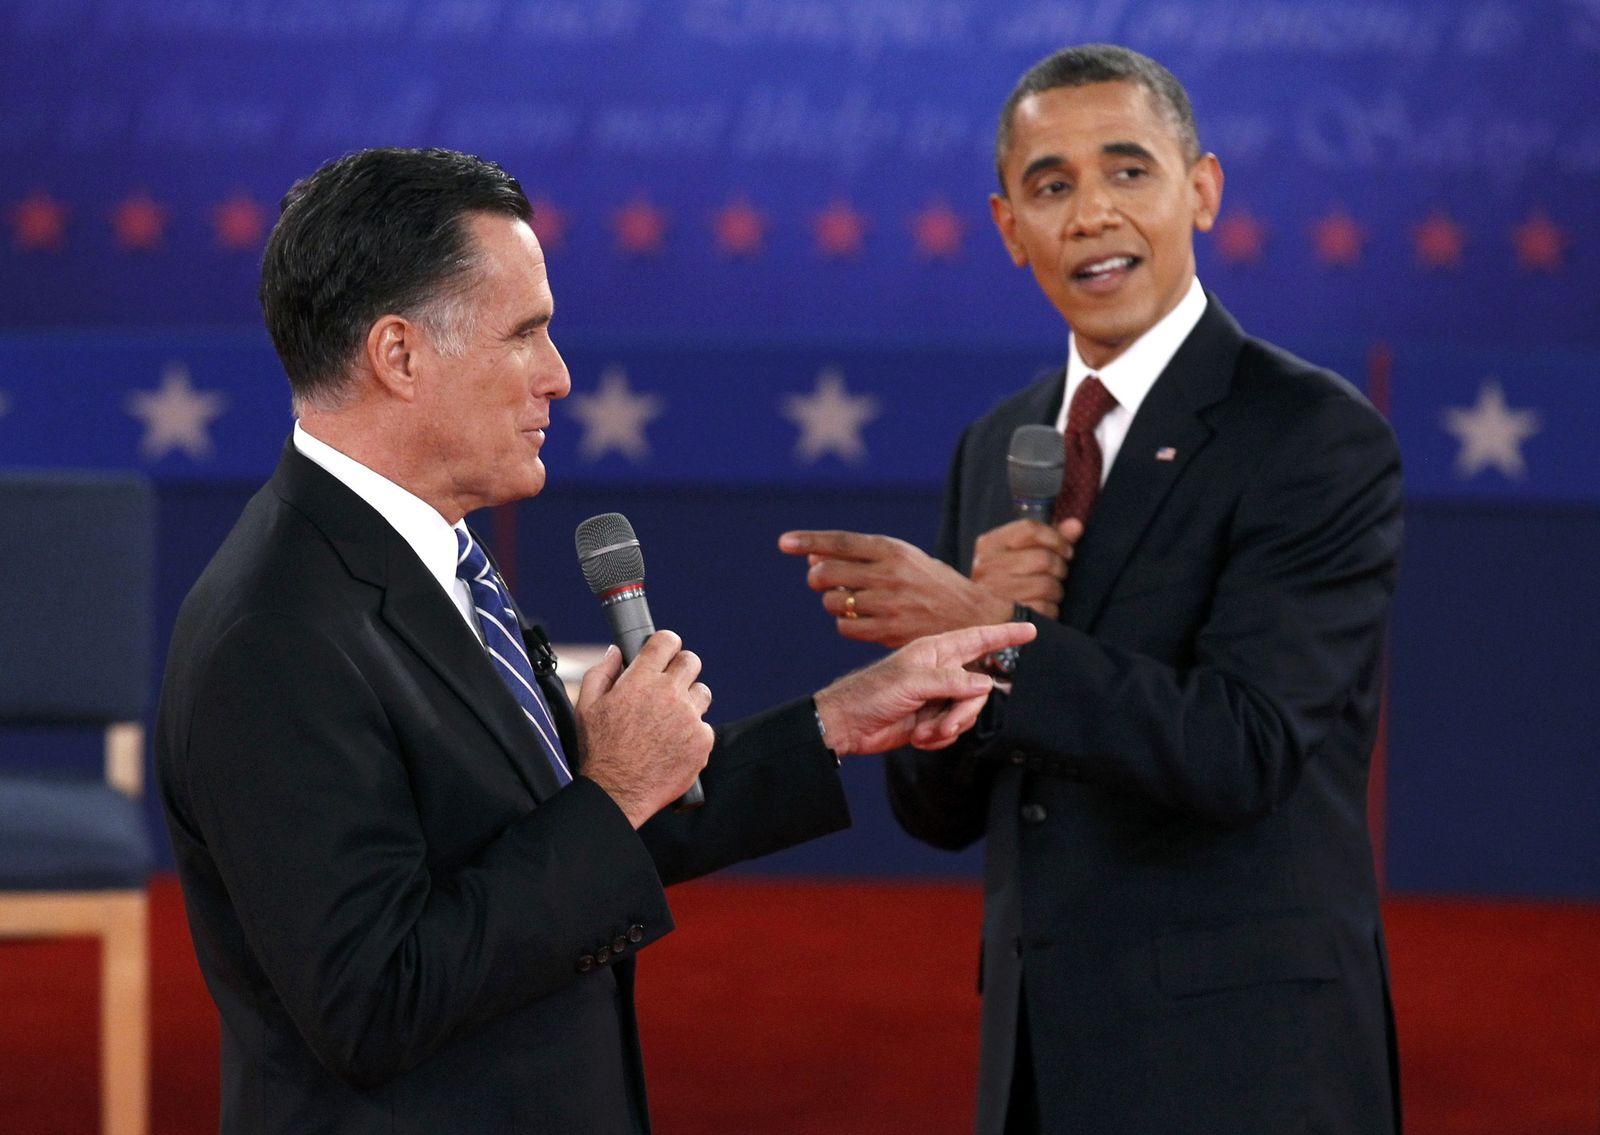 Obama und Romney im US-TV-Duell